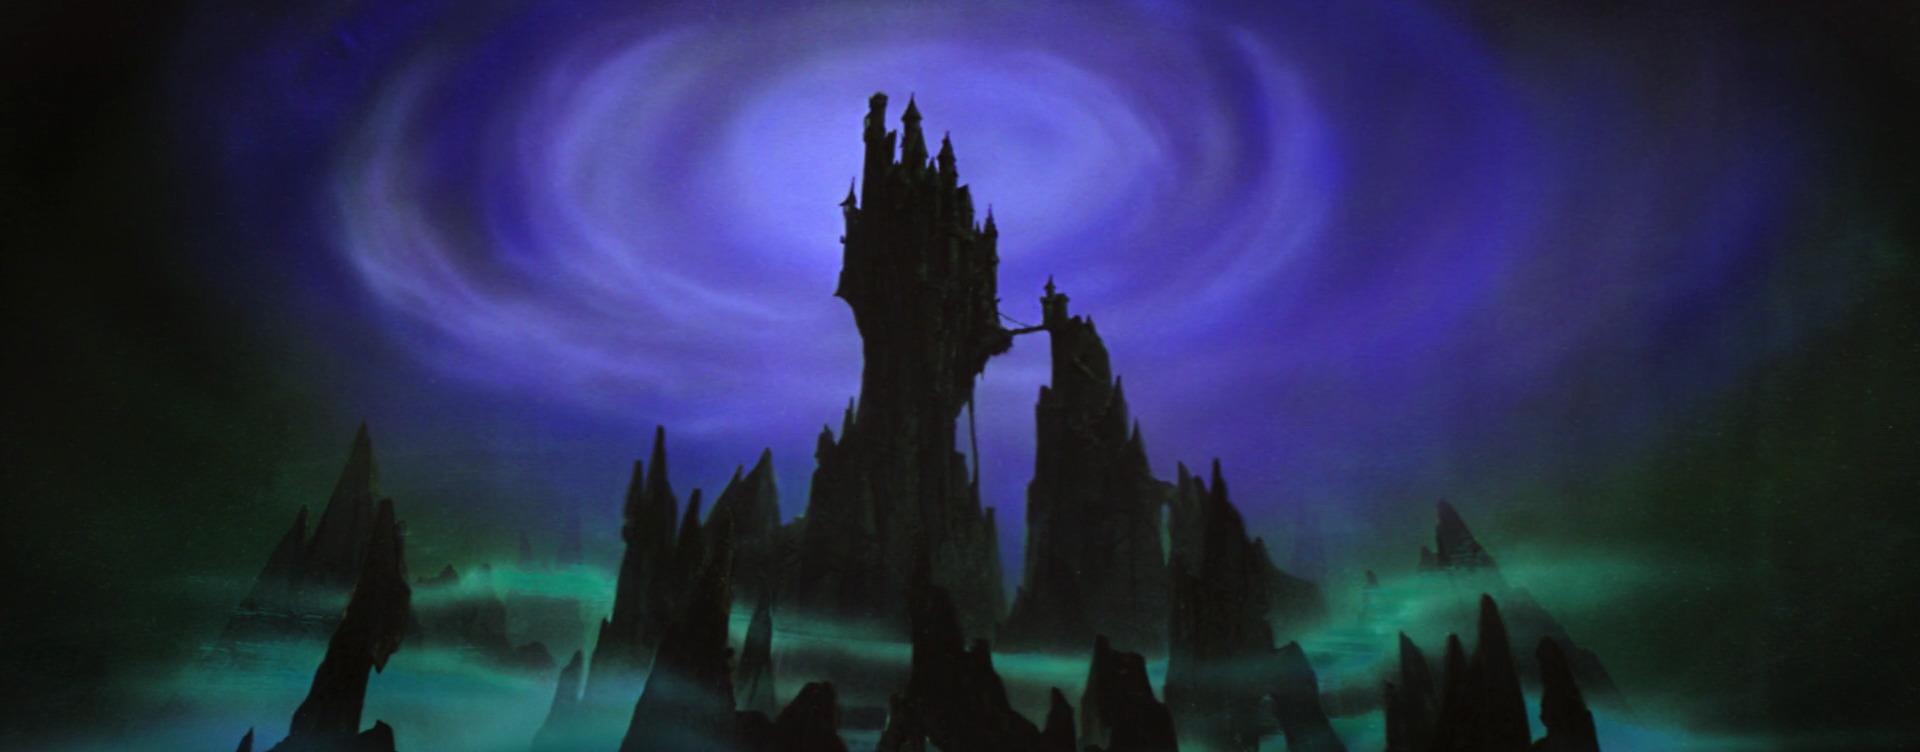 Forbidden Mountain Disney Wiki Fandom Powered By Wikia